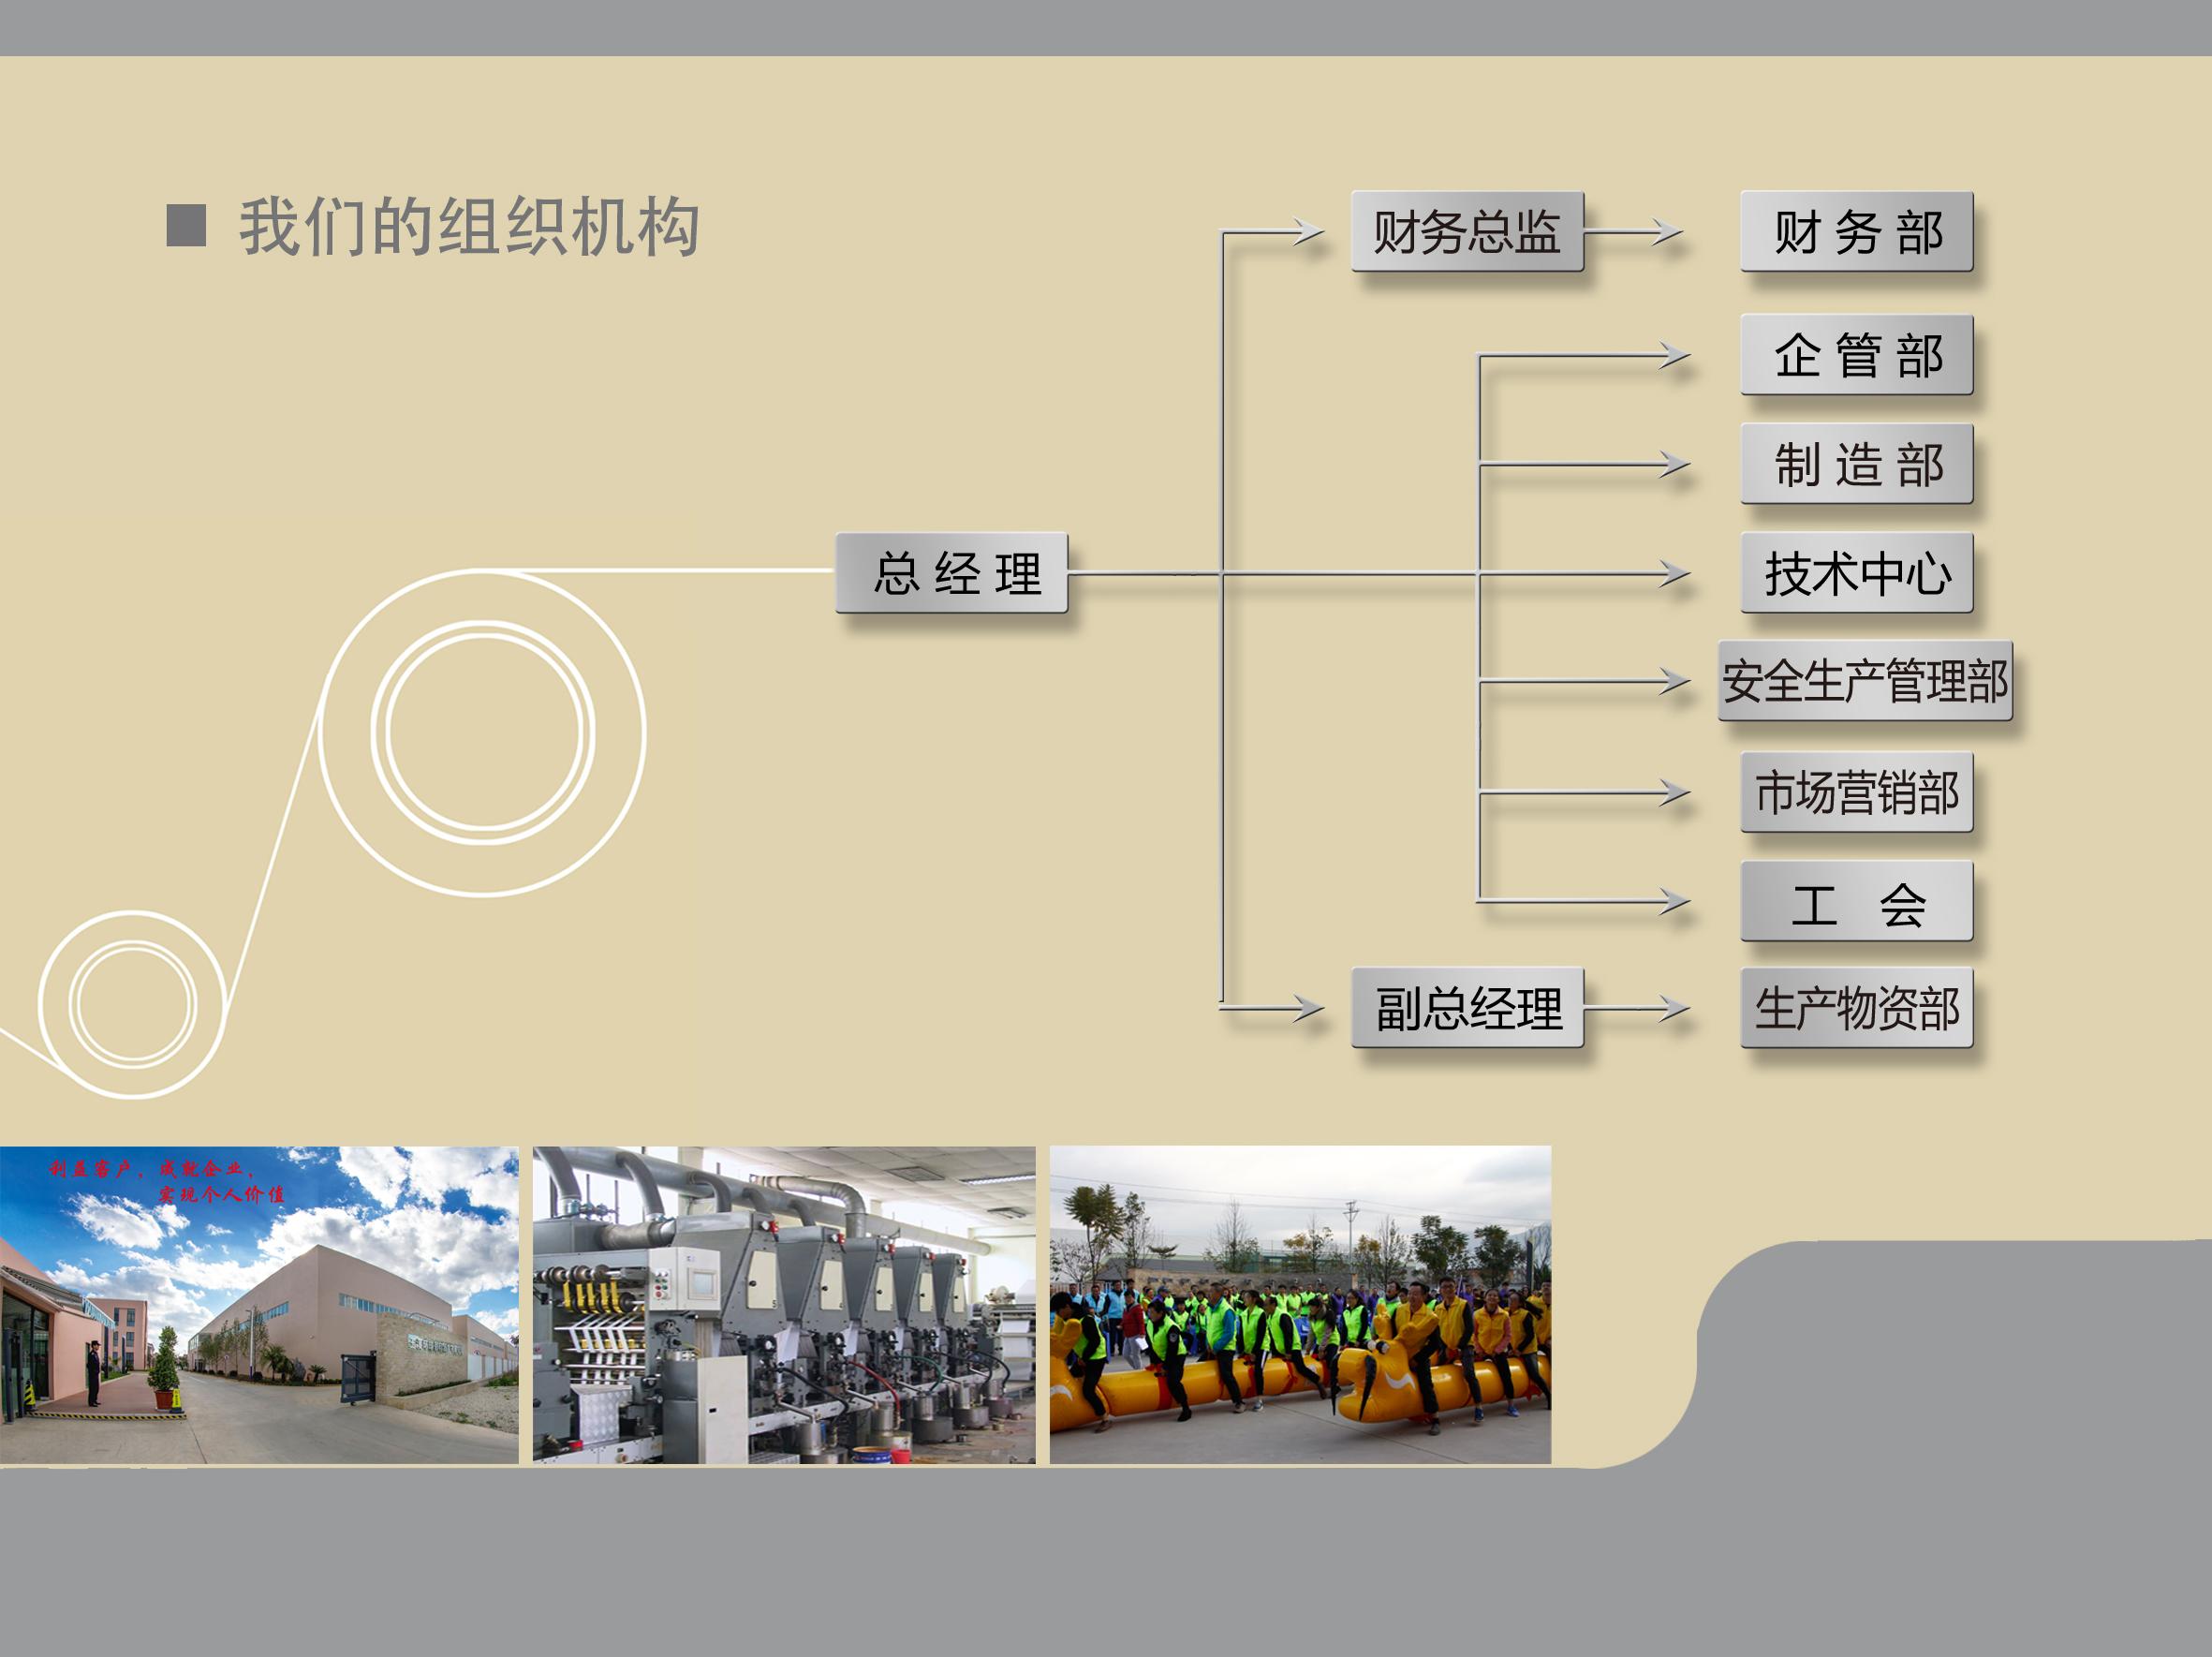 组织机构4.jpg